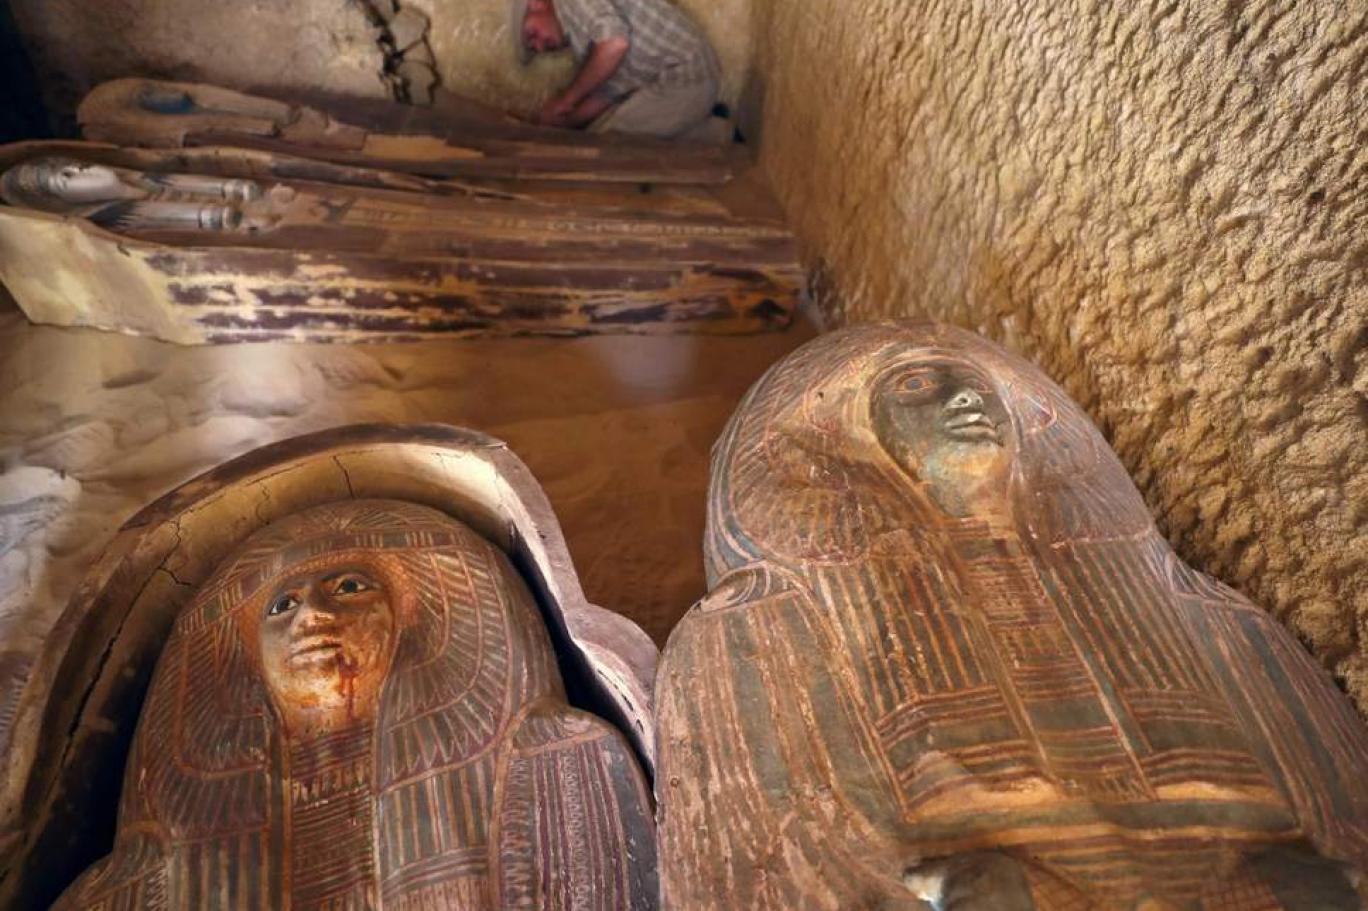 Mısır'da 4 bin 500 yıl öncesine ait antik mezar bulundu